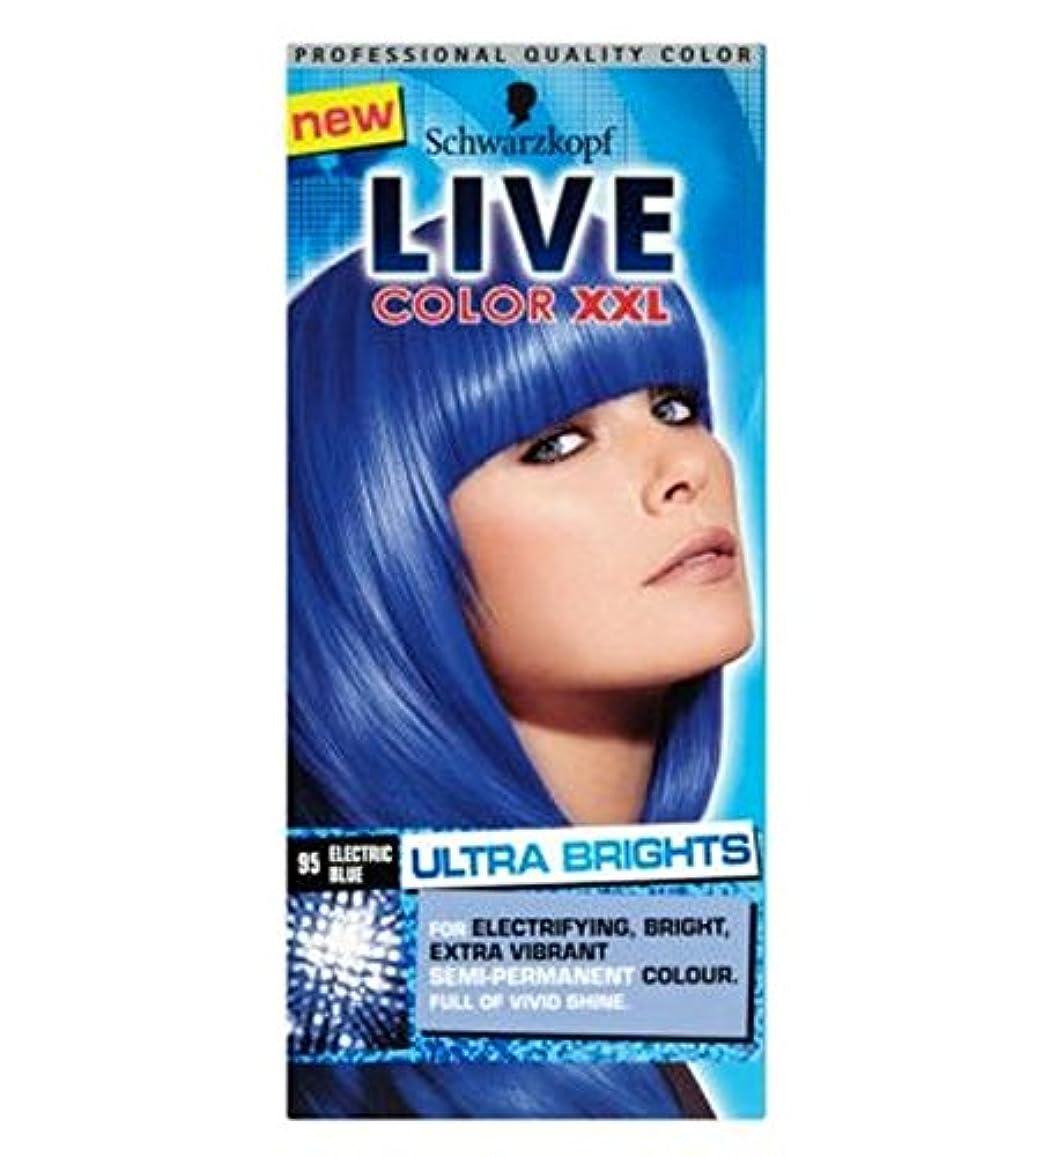 チーズパーフェルビッドマンハッタンSchwarzkopf LIVE Color XXL Ultra Brights 95 Electric Blue Semi-Permanent Blue Hair Dye - シュワルツコフライブカラーXxl超輝95エレクトリックブルー...